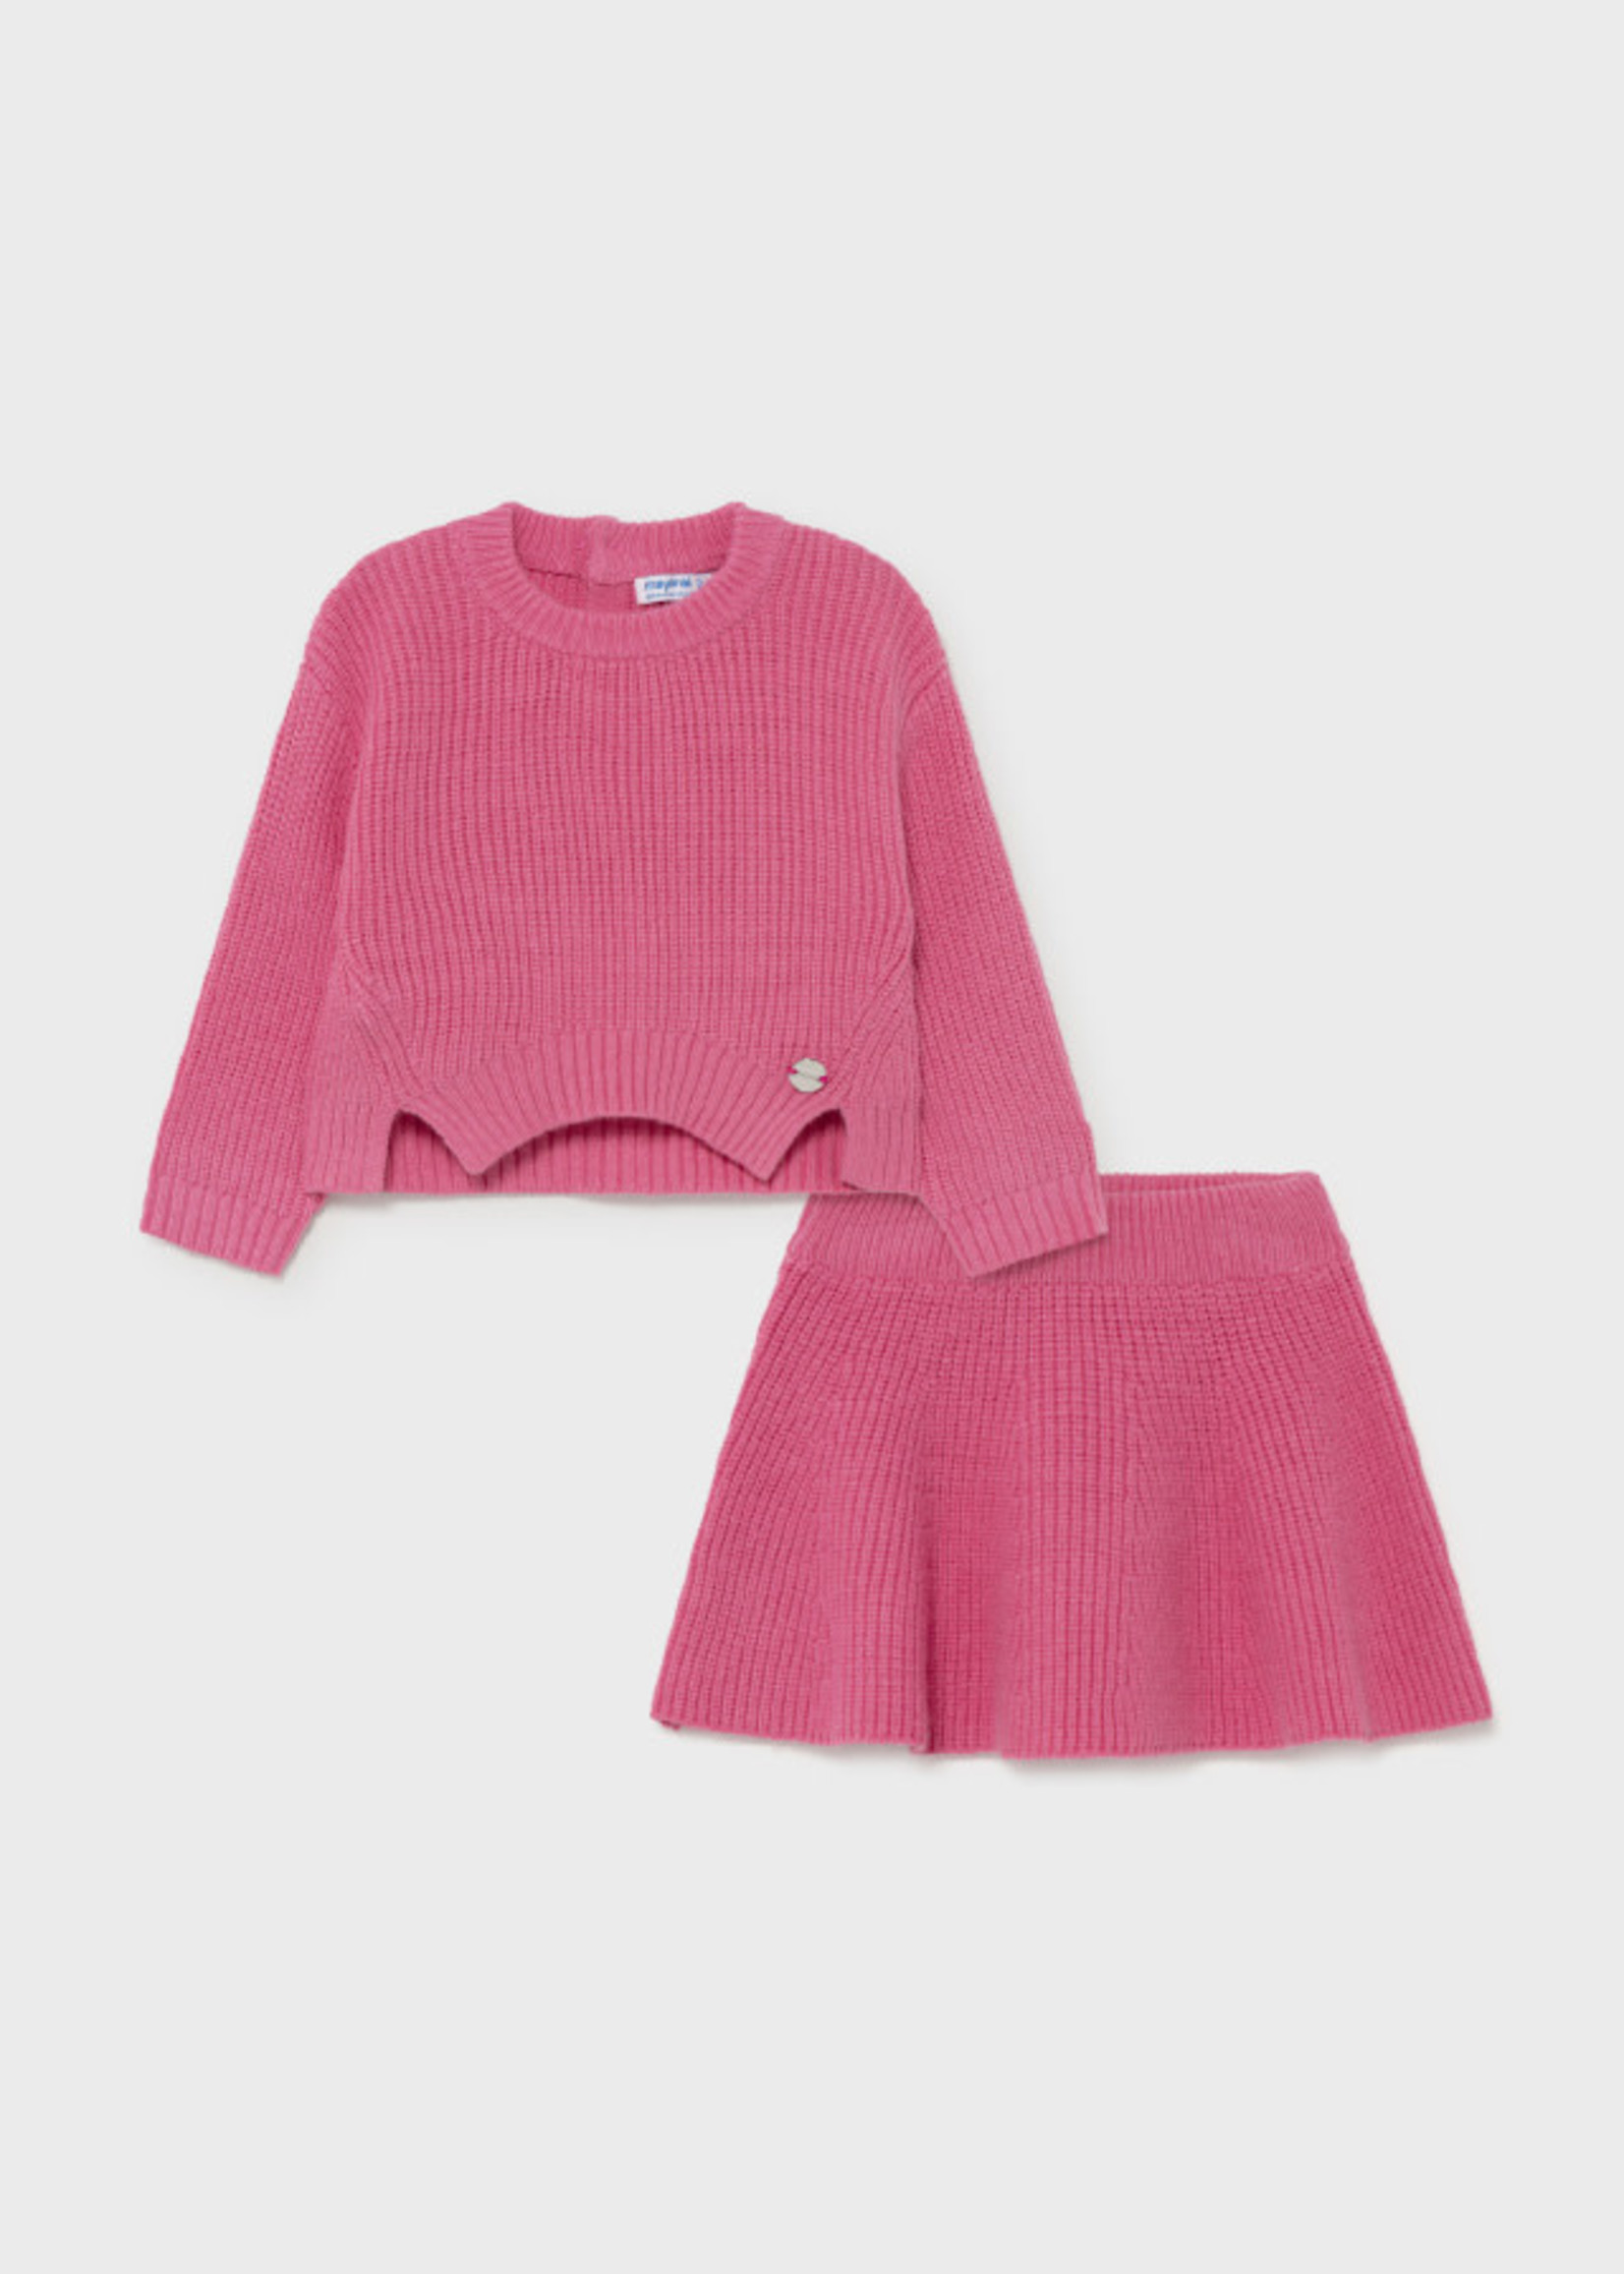 MAYORAL MAYORAL 2 delige set tricot camellia